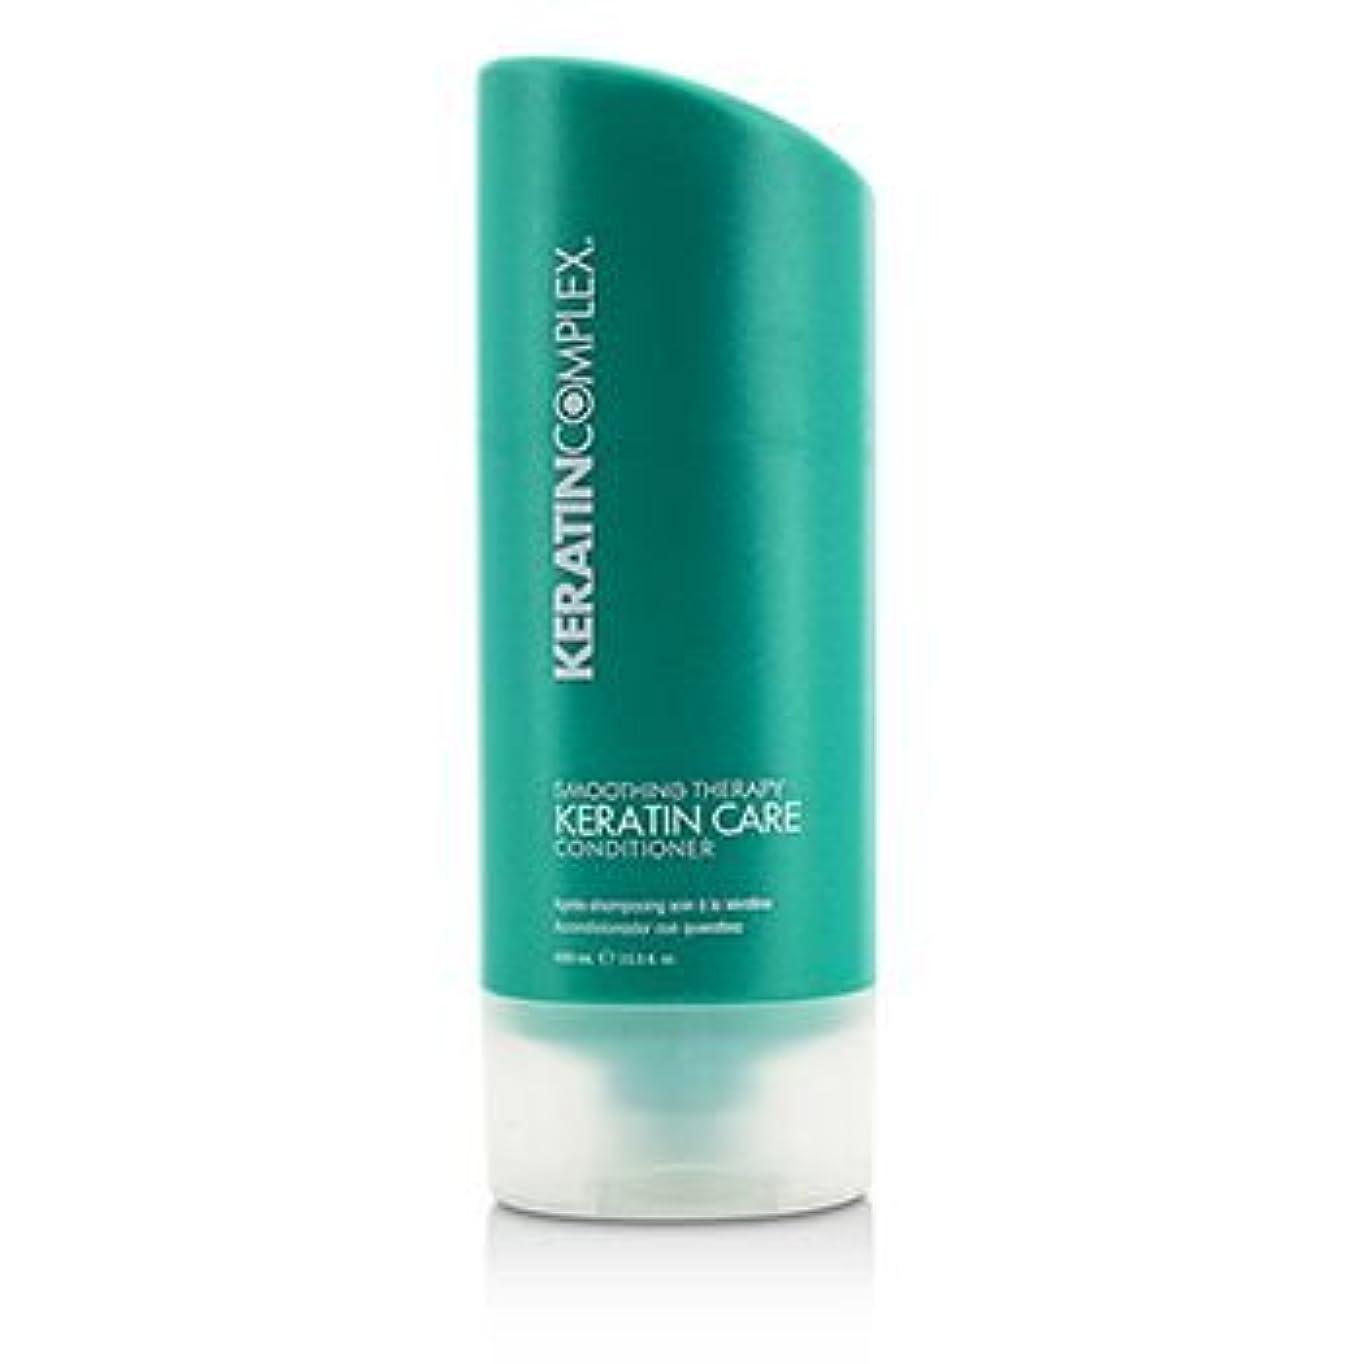 言い換えると計算可能航空会社[Keratin Complex] Smoothing Therapy Keratin Care Conditioner (For All Hair Types) 1000ml/33.8oz